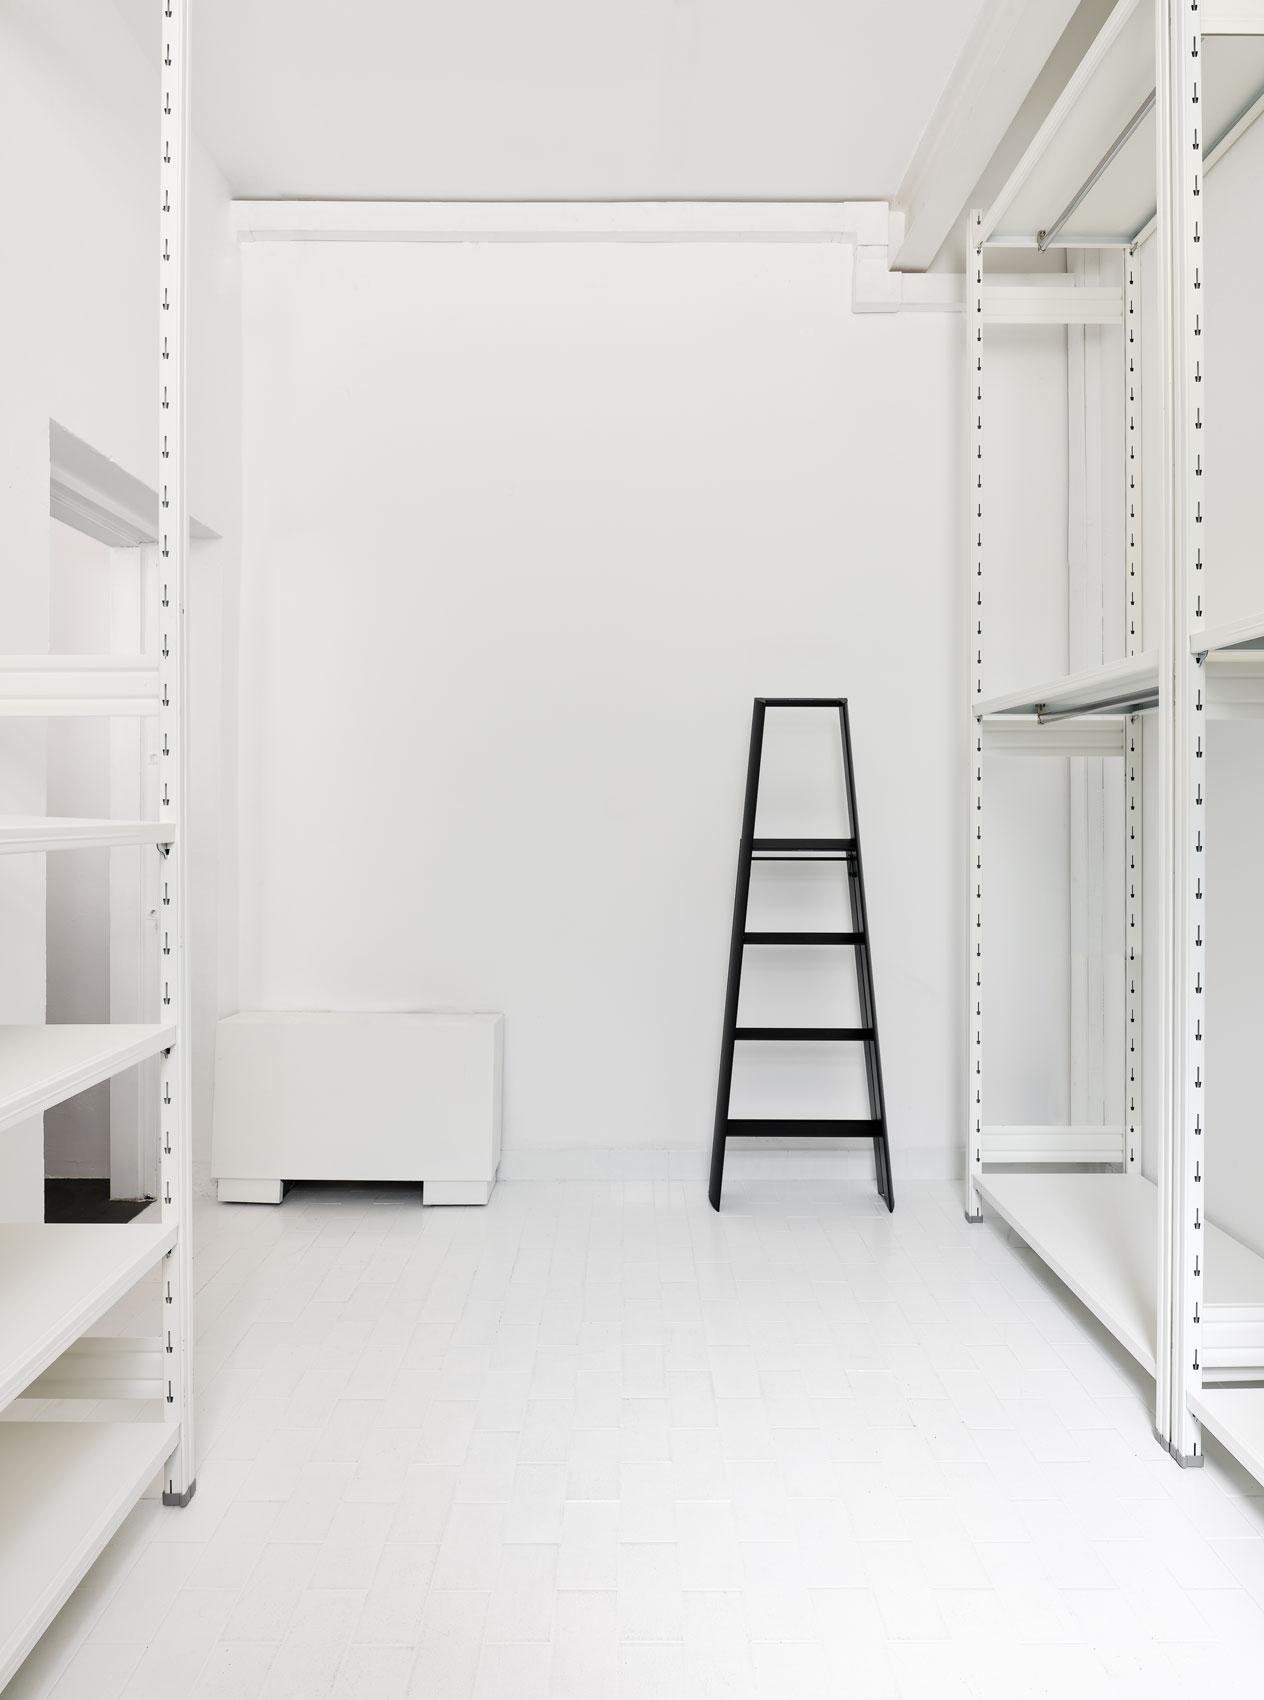 librerie di design in acciaio bianco per negozi e showroom moda sunnei